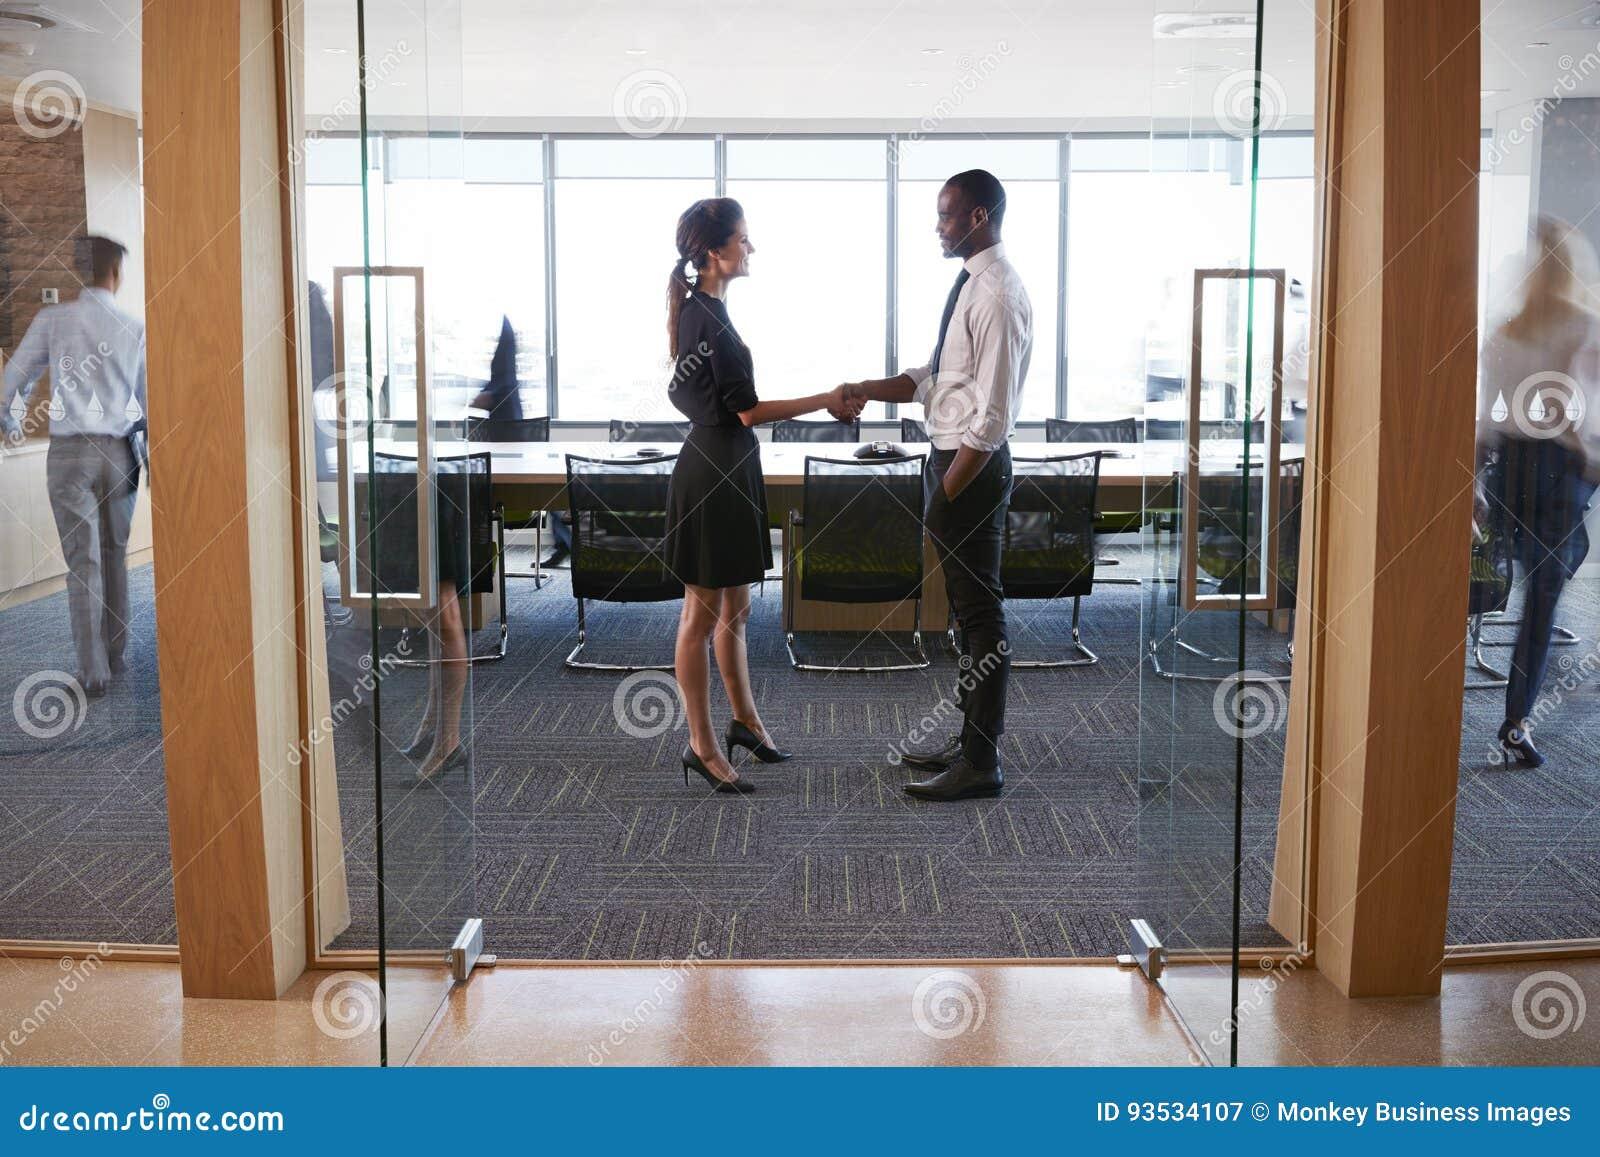 Wirtschaftler, die Hände im Eingang zum Sitzungssaal rütteln